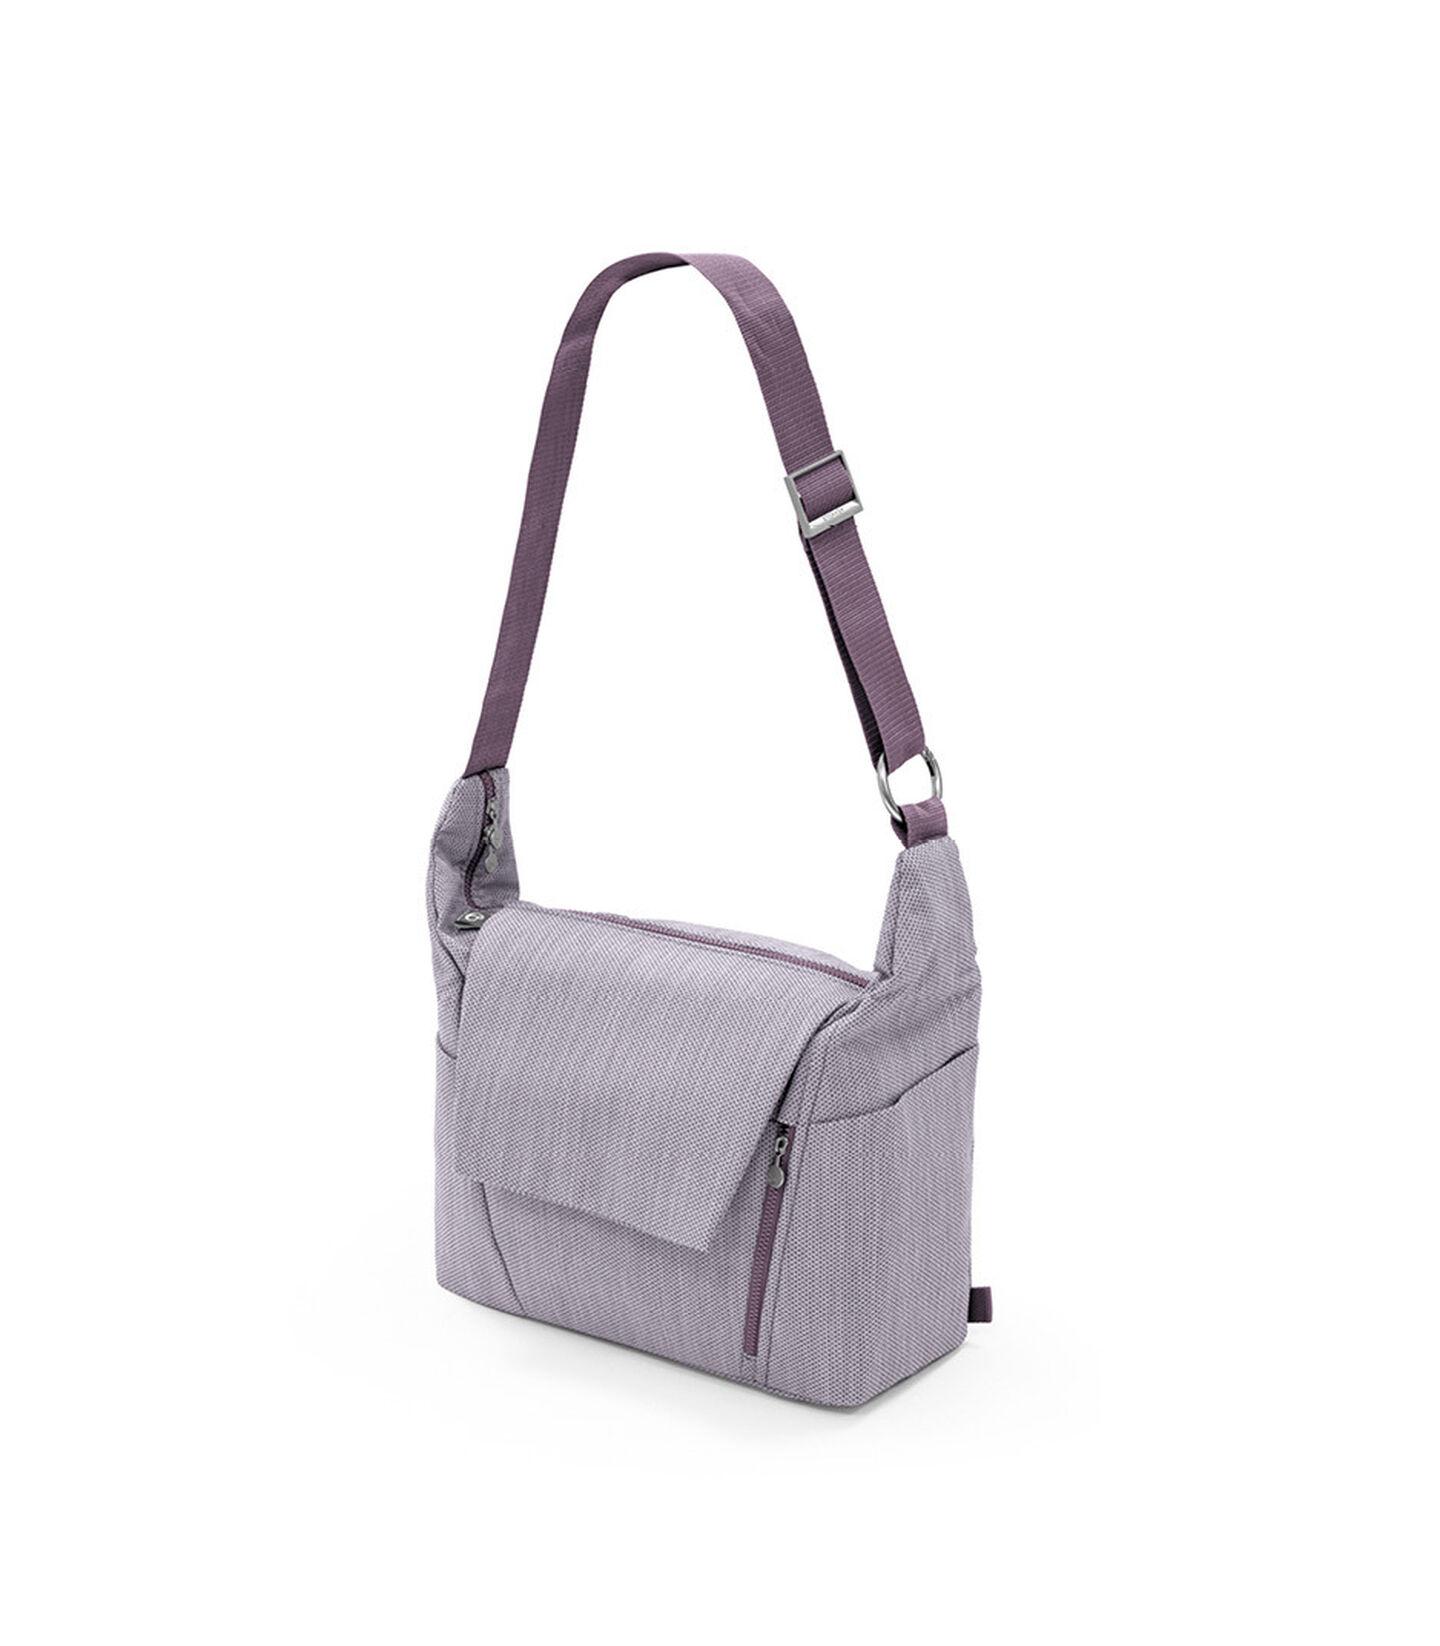 Stokke® Stroller Changing Bag, Brushed Lilac